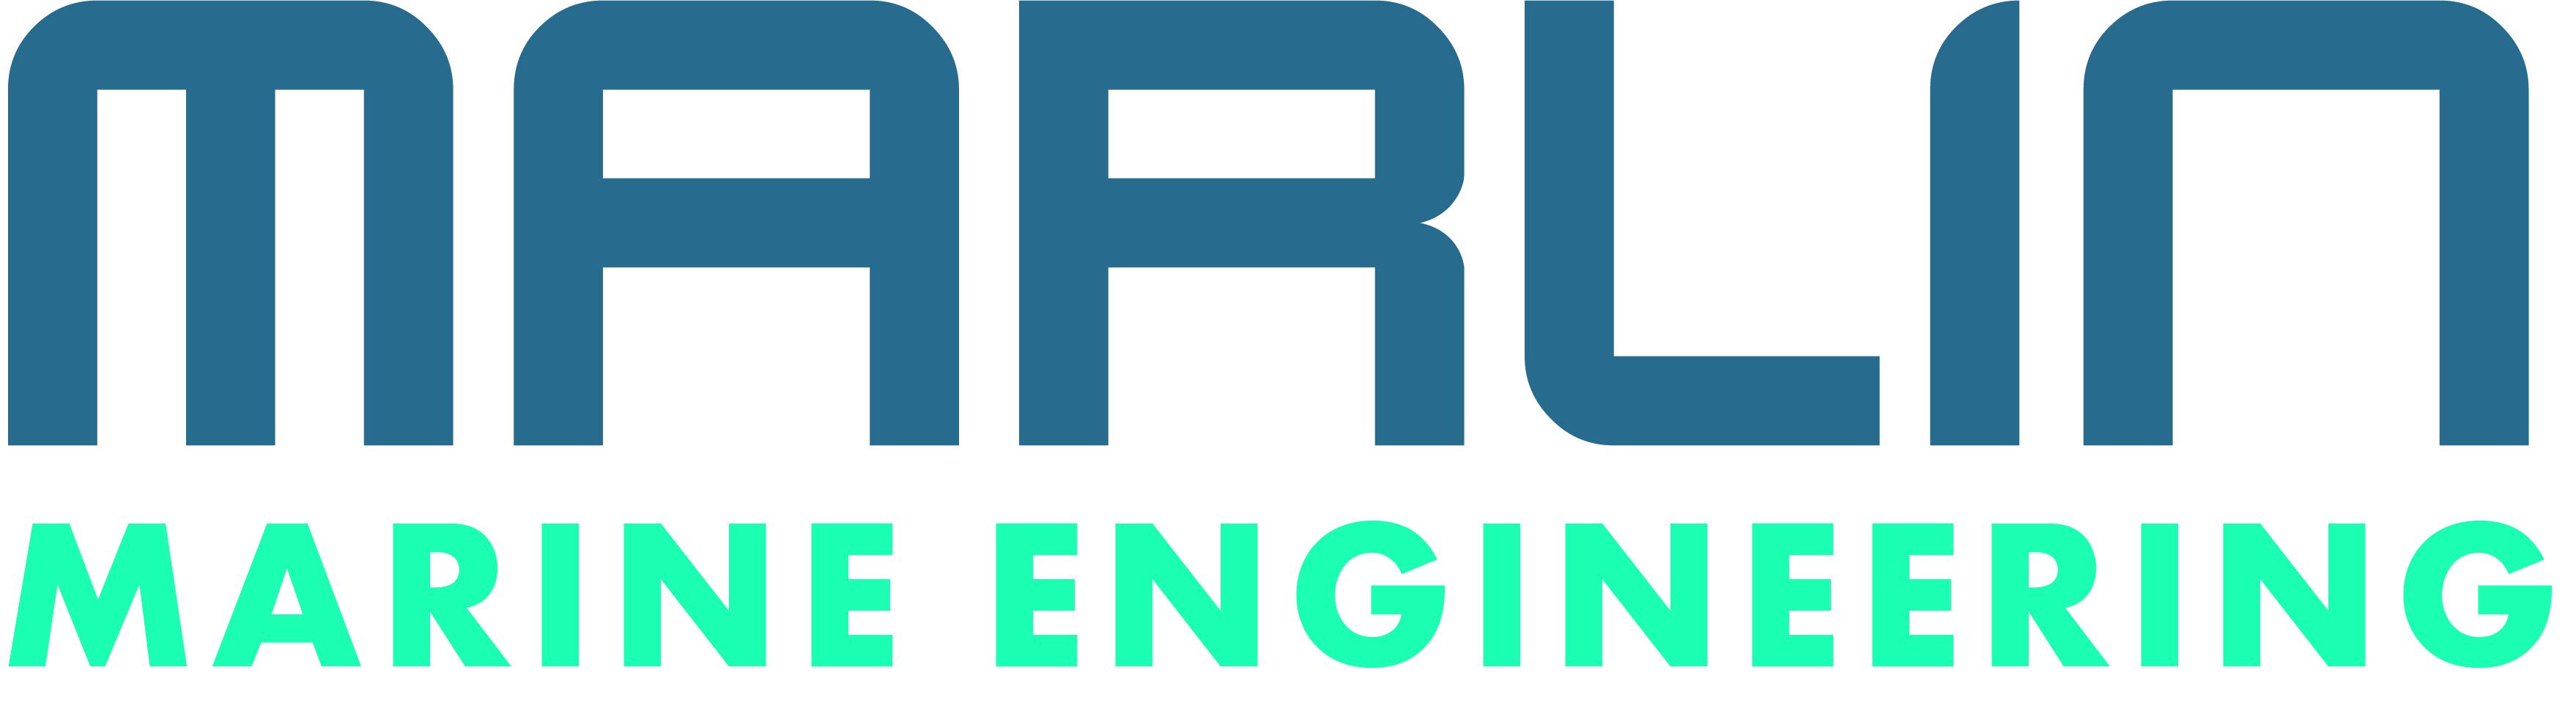 Marlin Marine Engineering